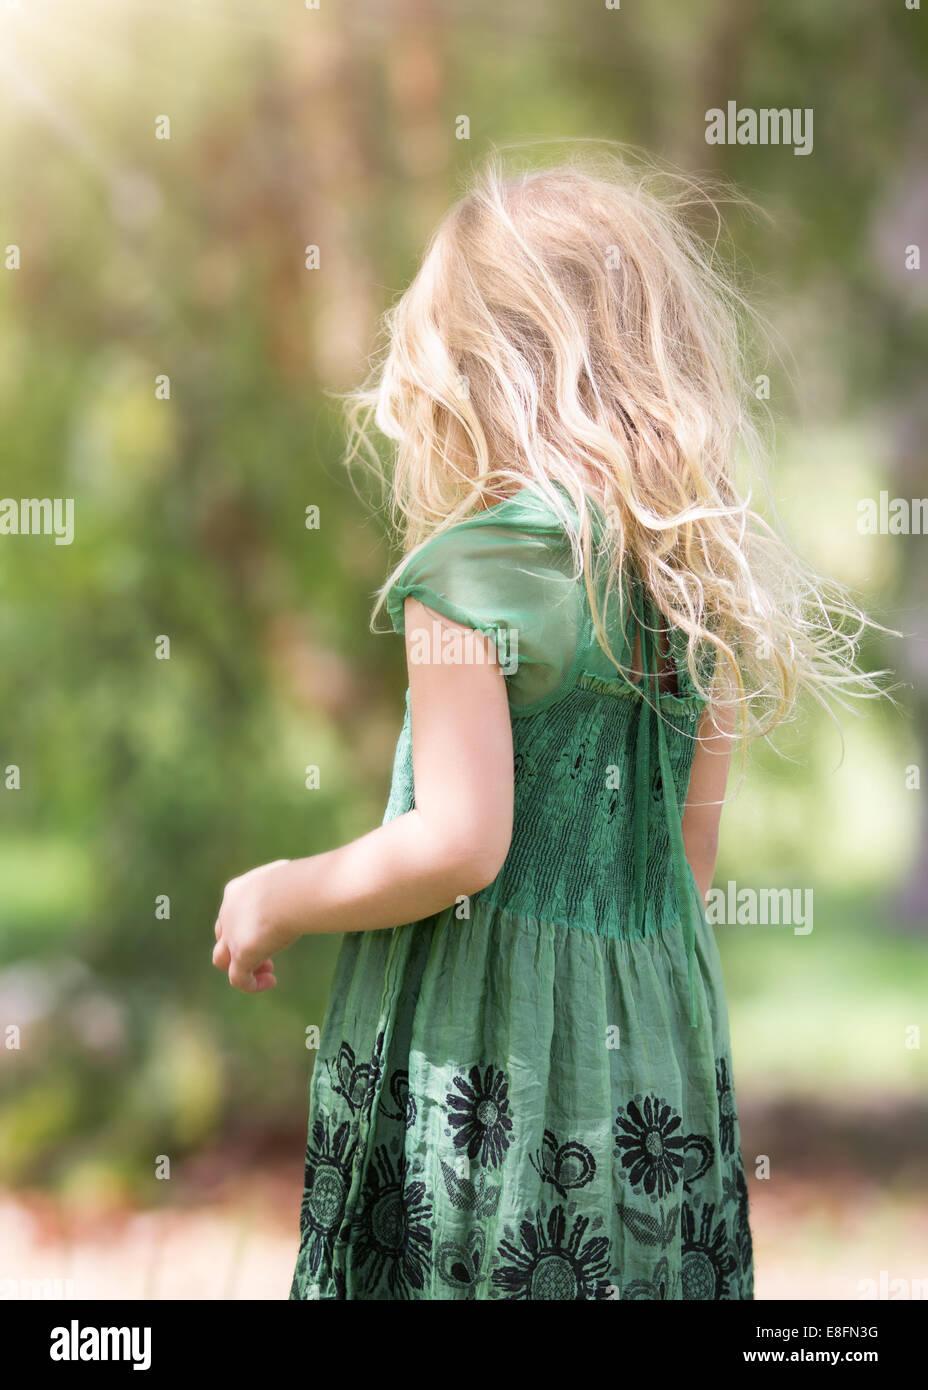 Vista trasera de la niña (4-5) vistiendo vestido verde Imagen De Stock